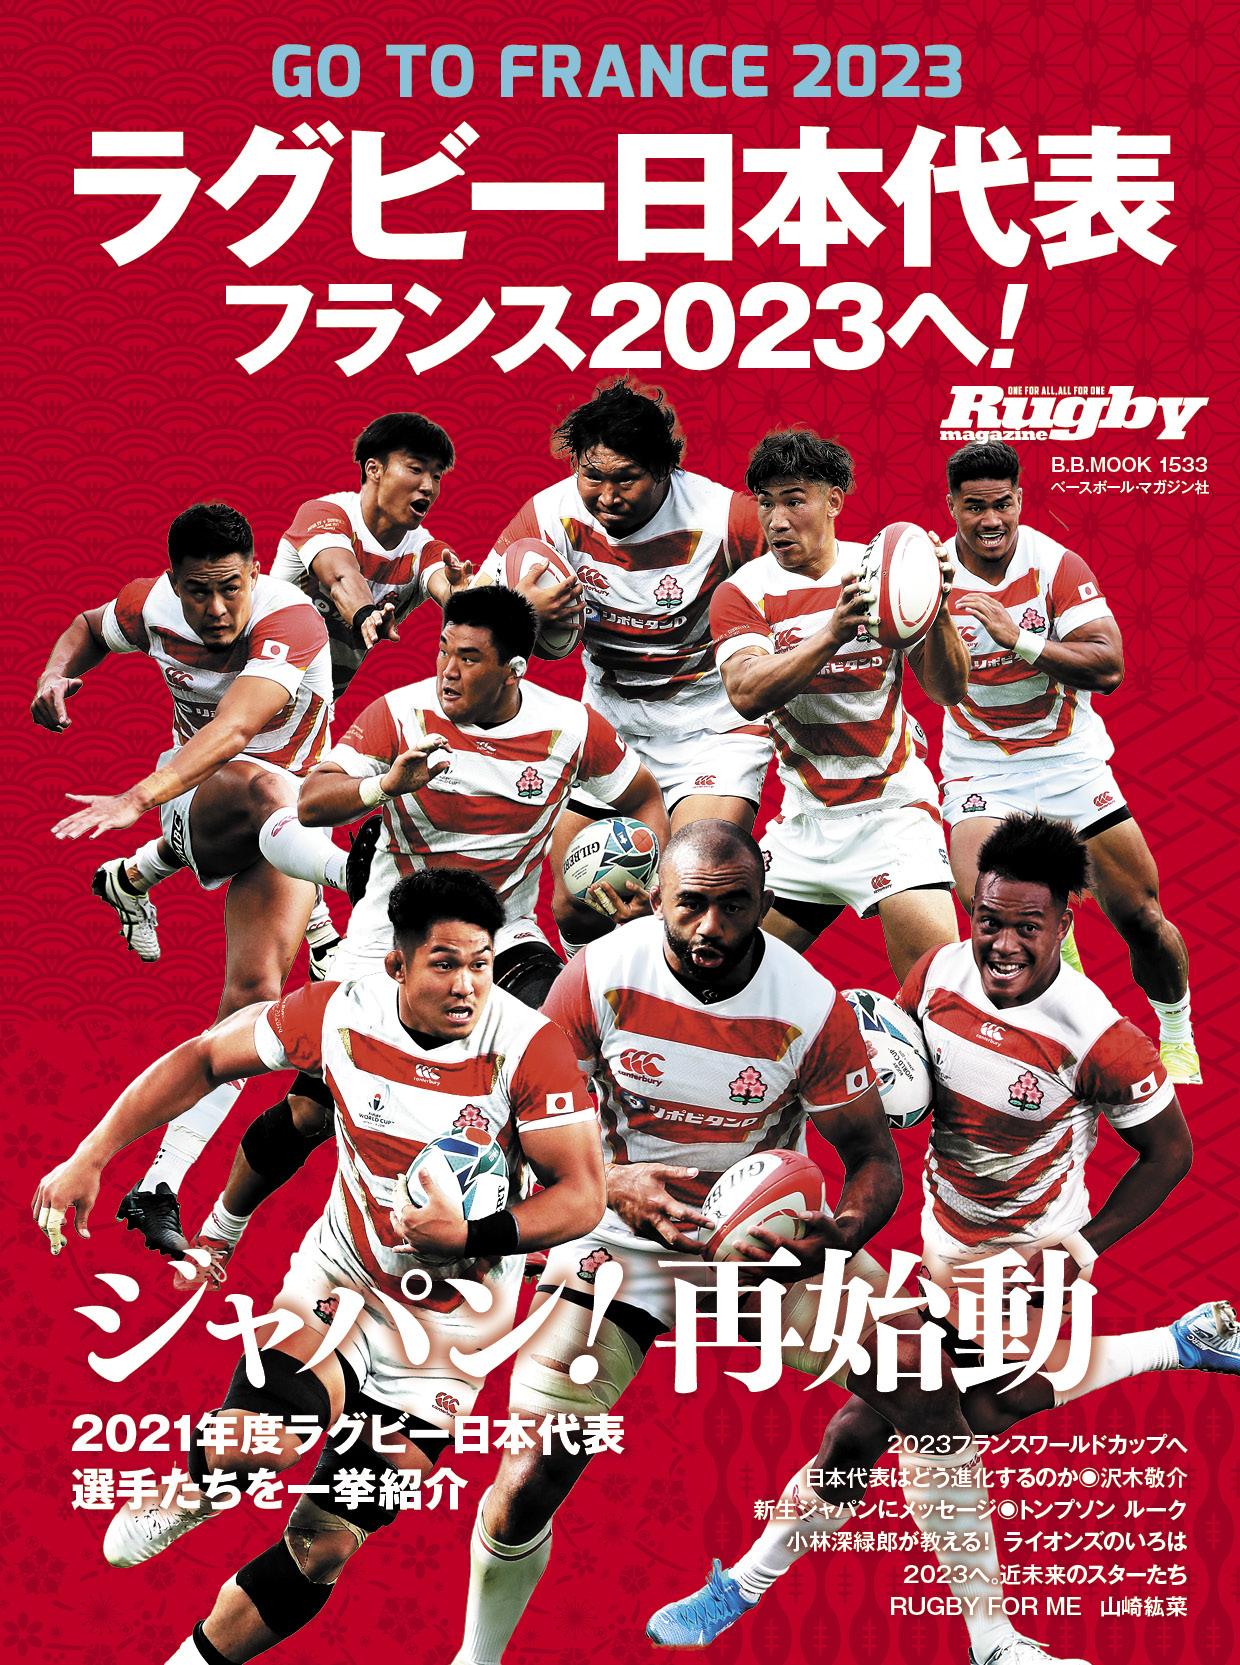 ラグビー日本代表 フランス2023へ